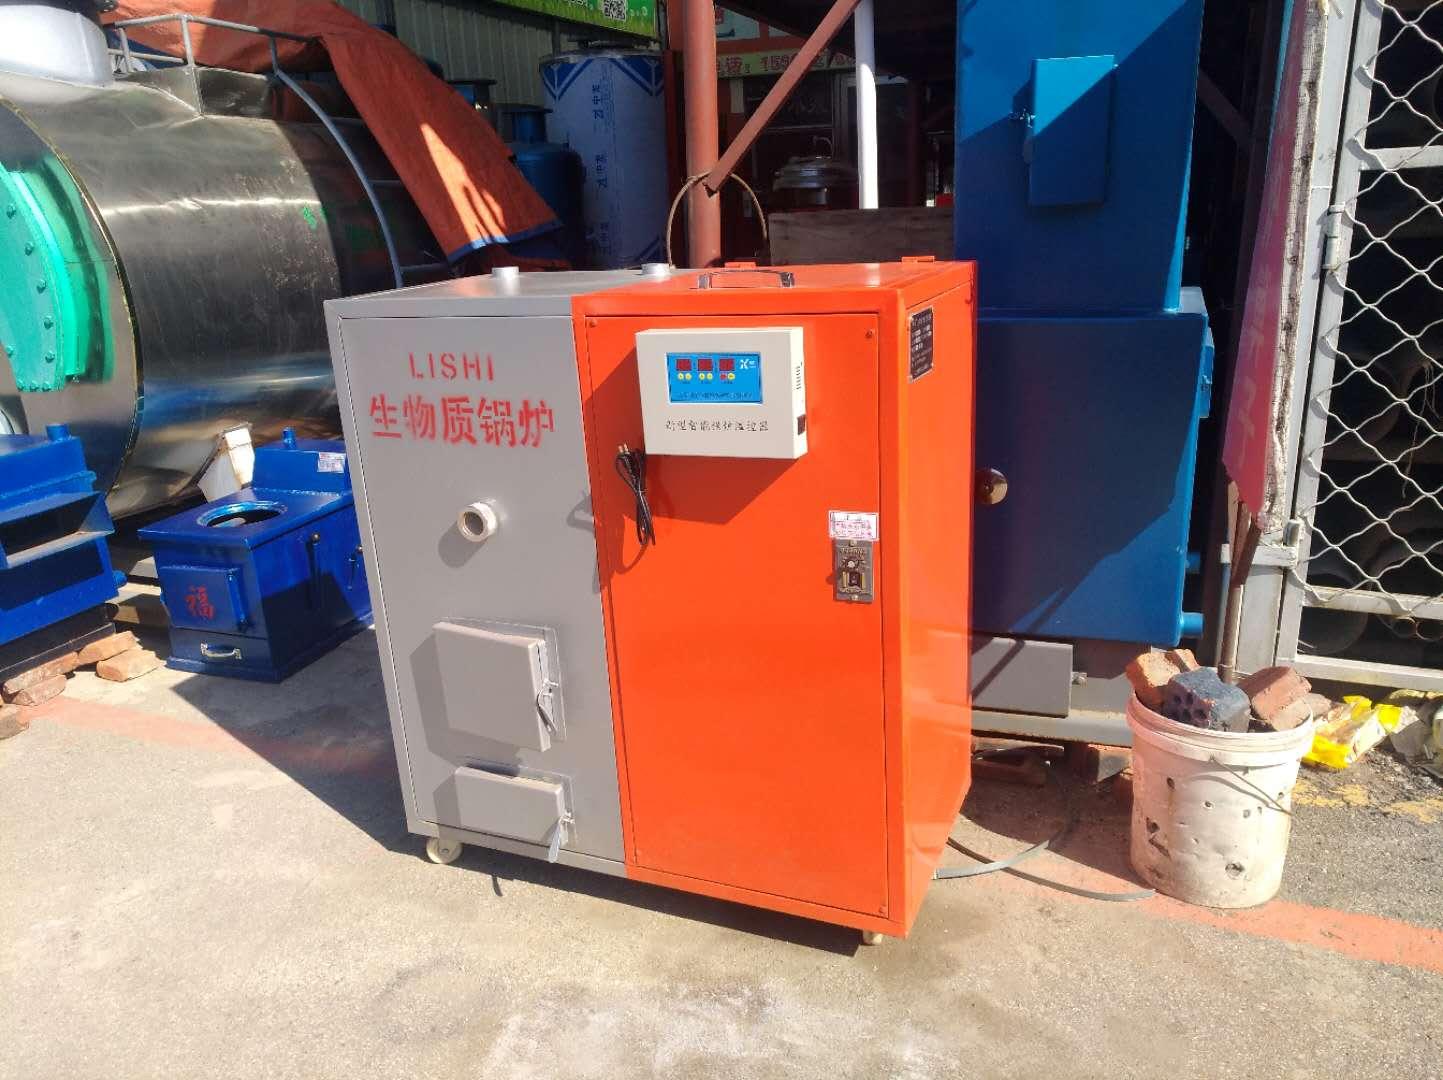 优惠的煤锅炉改燃汽锅炉沈阳沈丰锅炉供应-煤锅炉改造燃汽锅炉价格